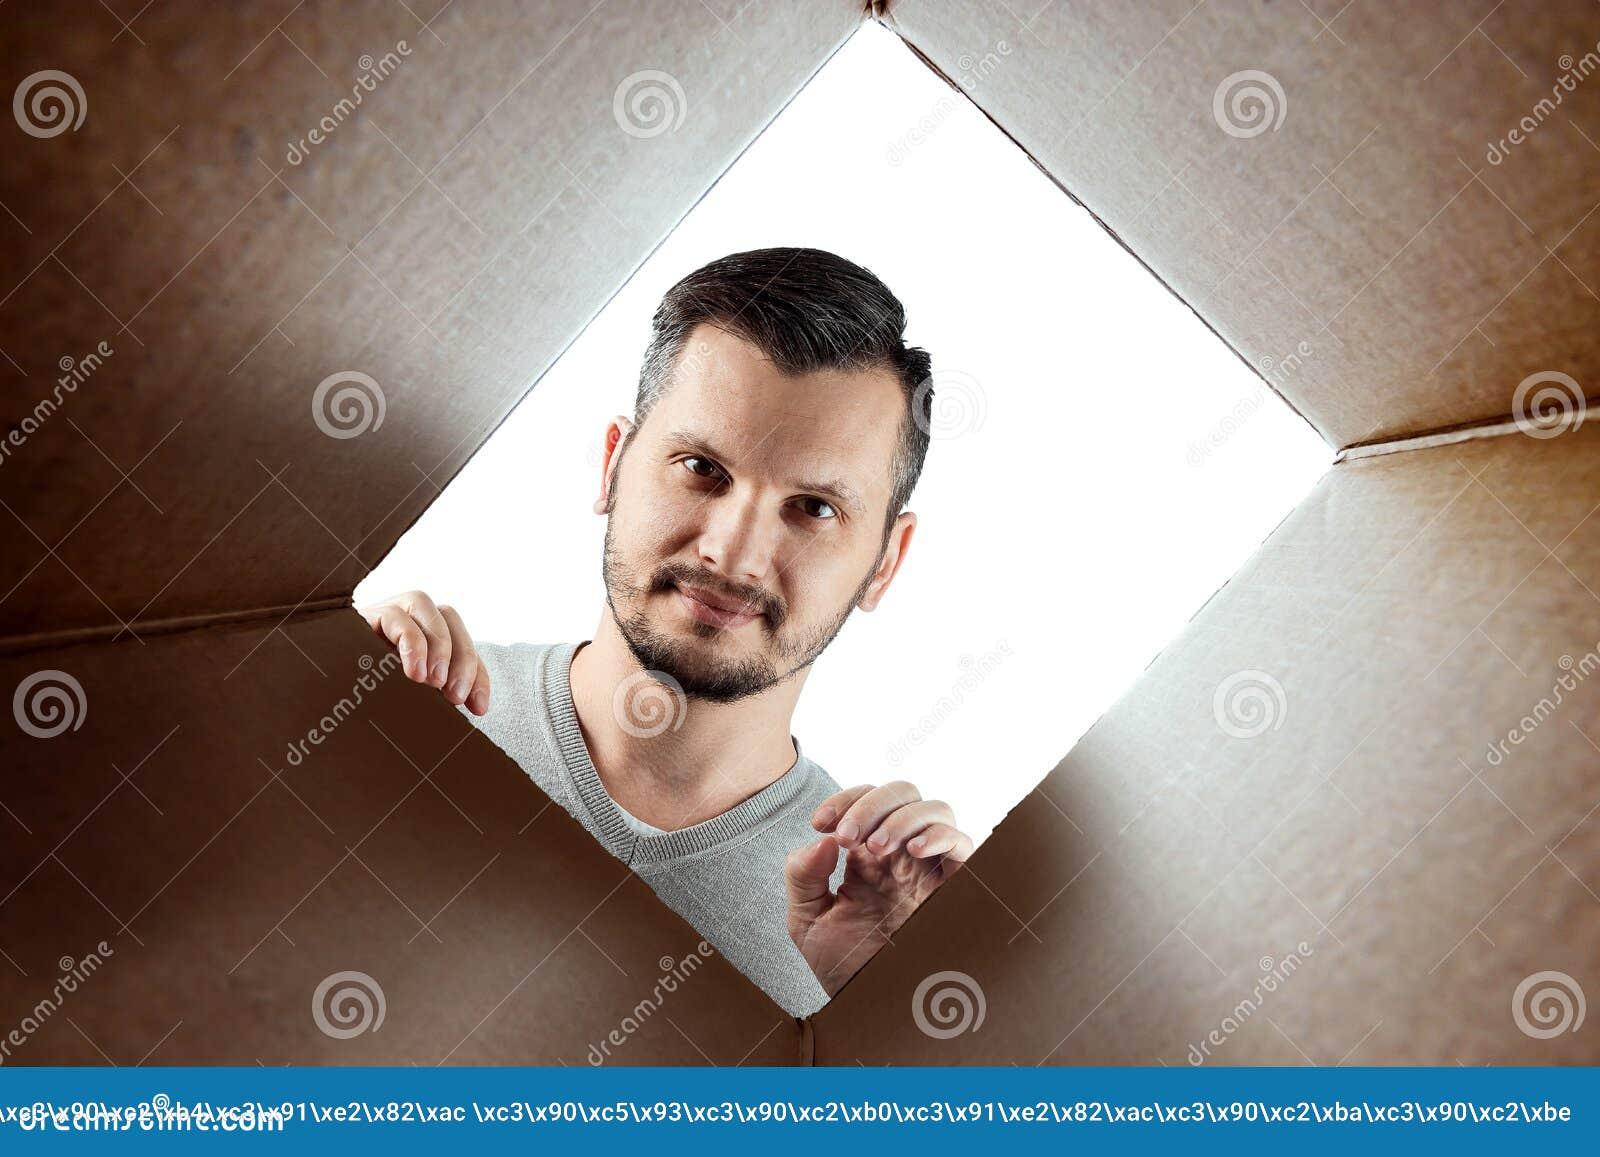 Unboxing, Creatieve achtergrond, een mens opent de doos en ziet binnen eruit Het pakket, levering, verrassing, gift, levensstijl